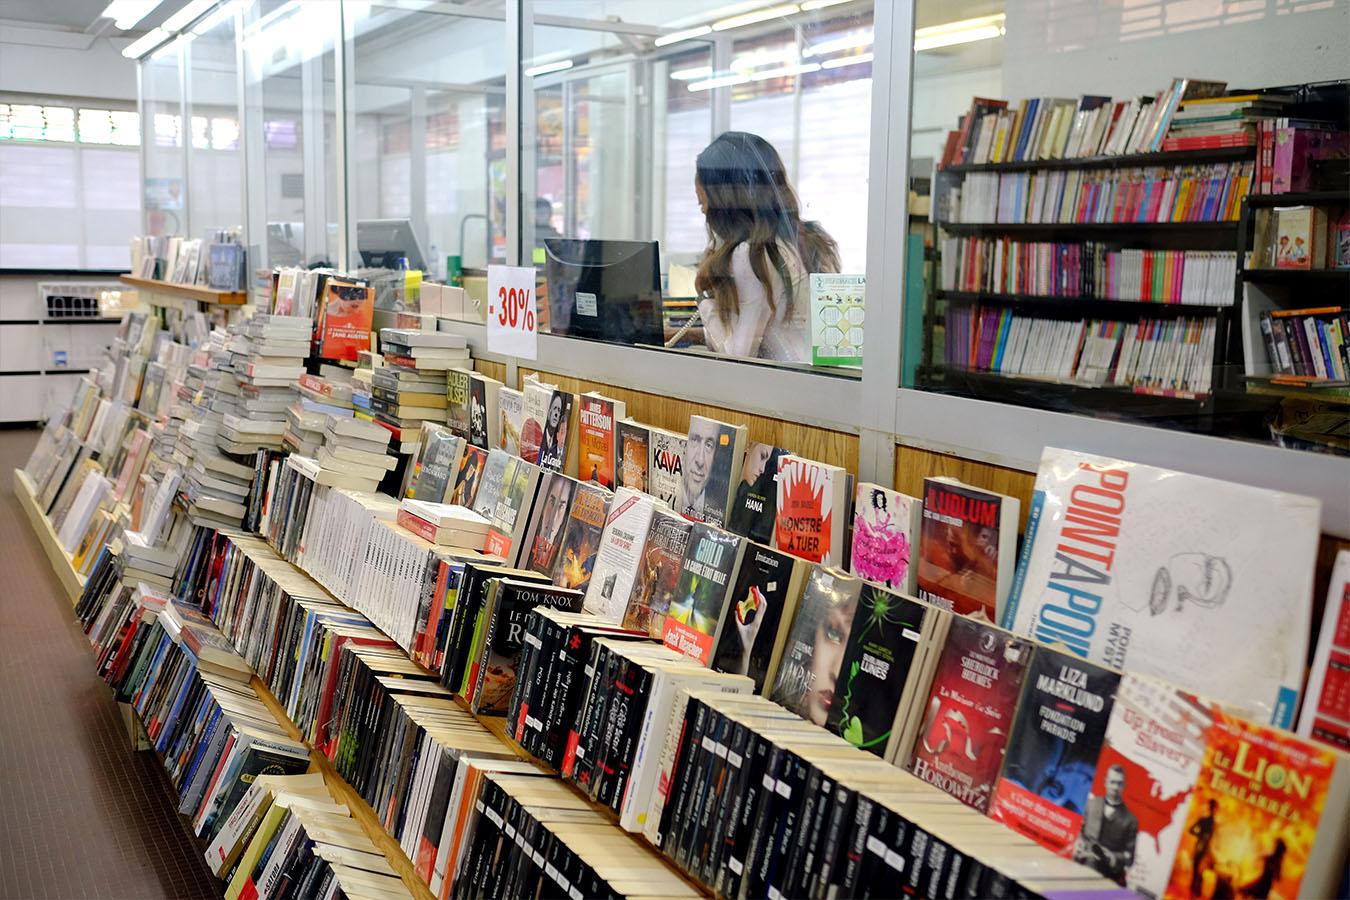 Diacfa Librairie